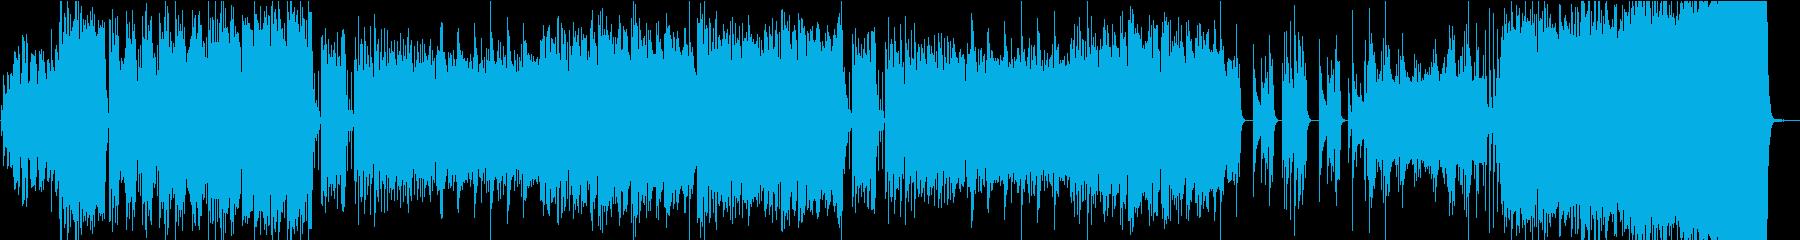 ウェディング・華やかで美しい感動的BGMの再生済みの波形